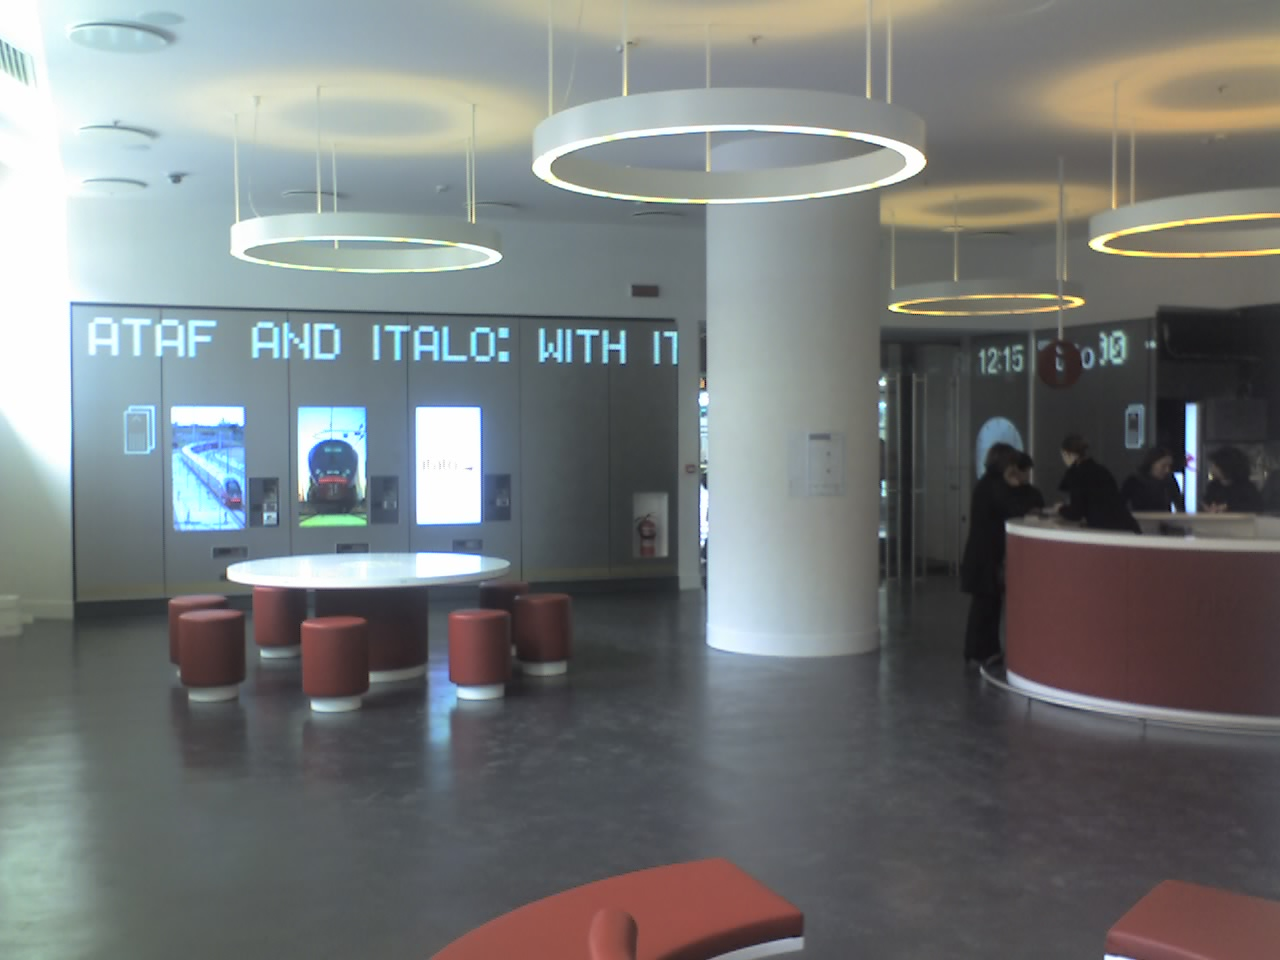 La Sala D Attesa.File Firenze Stazione Di Santa Maria Novella Sala D Attesa Italo